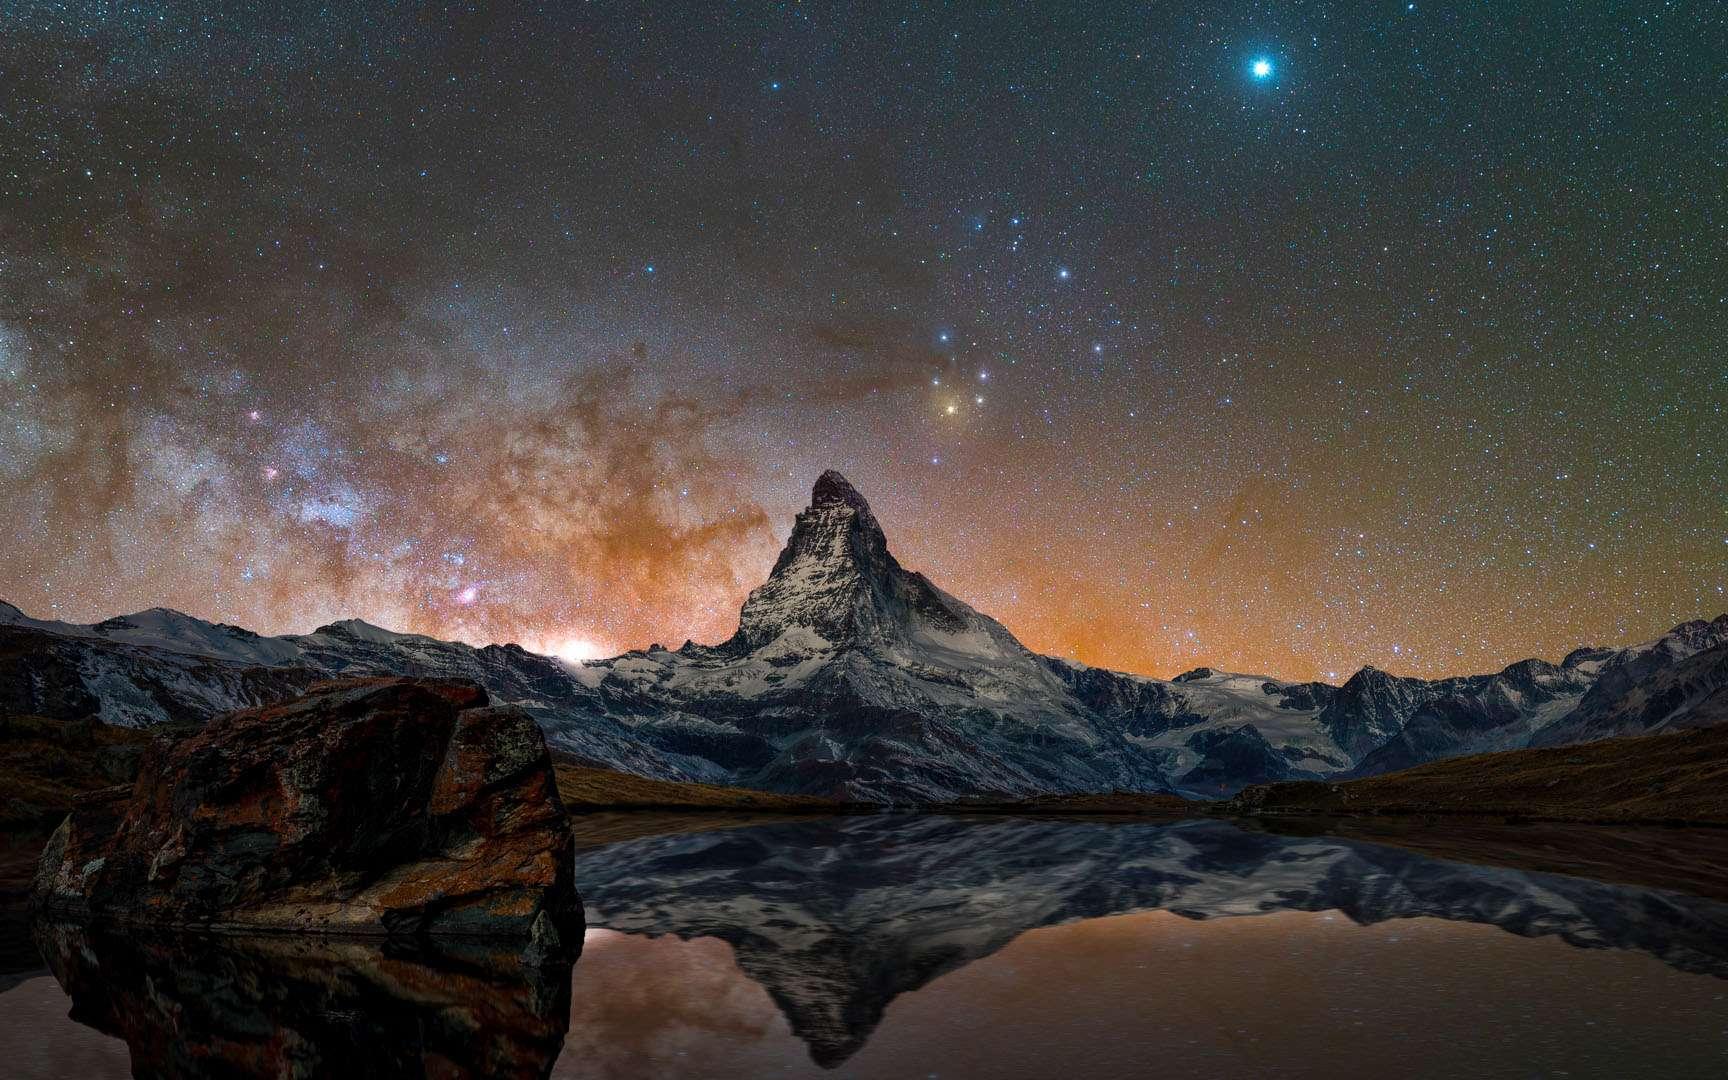 Vue du Cervin. © Delil Geyik, tous droits réservés